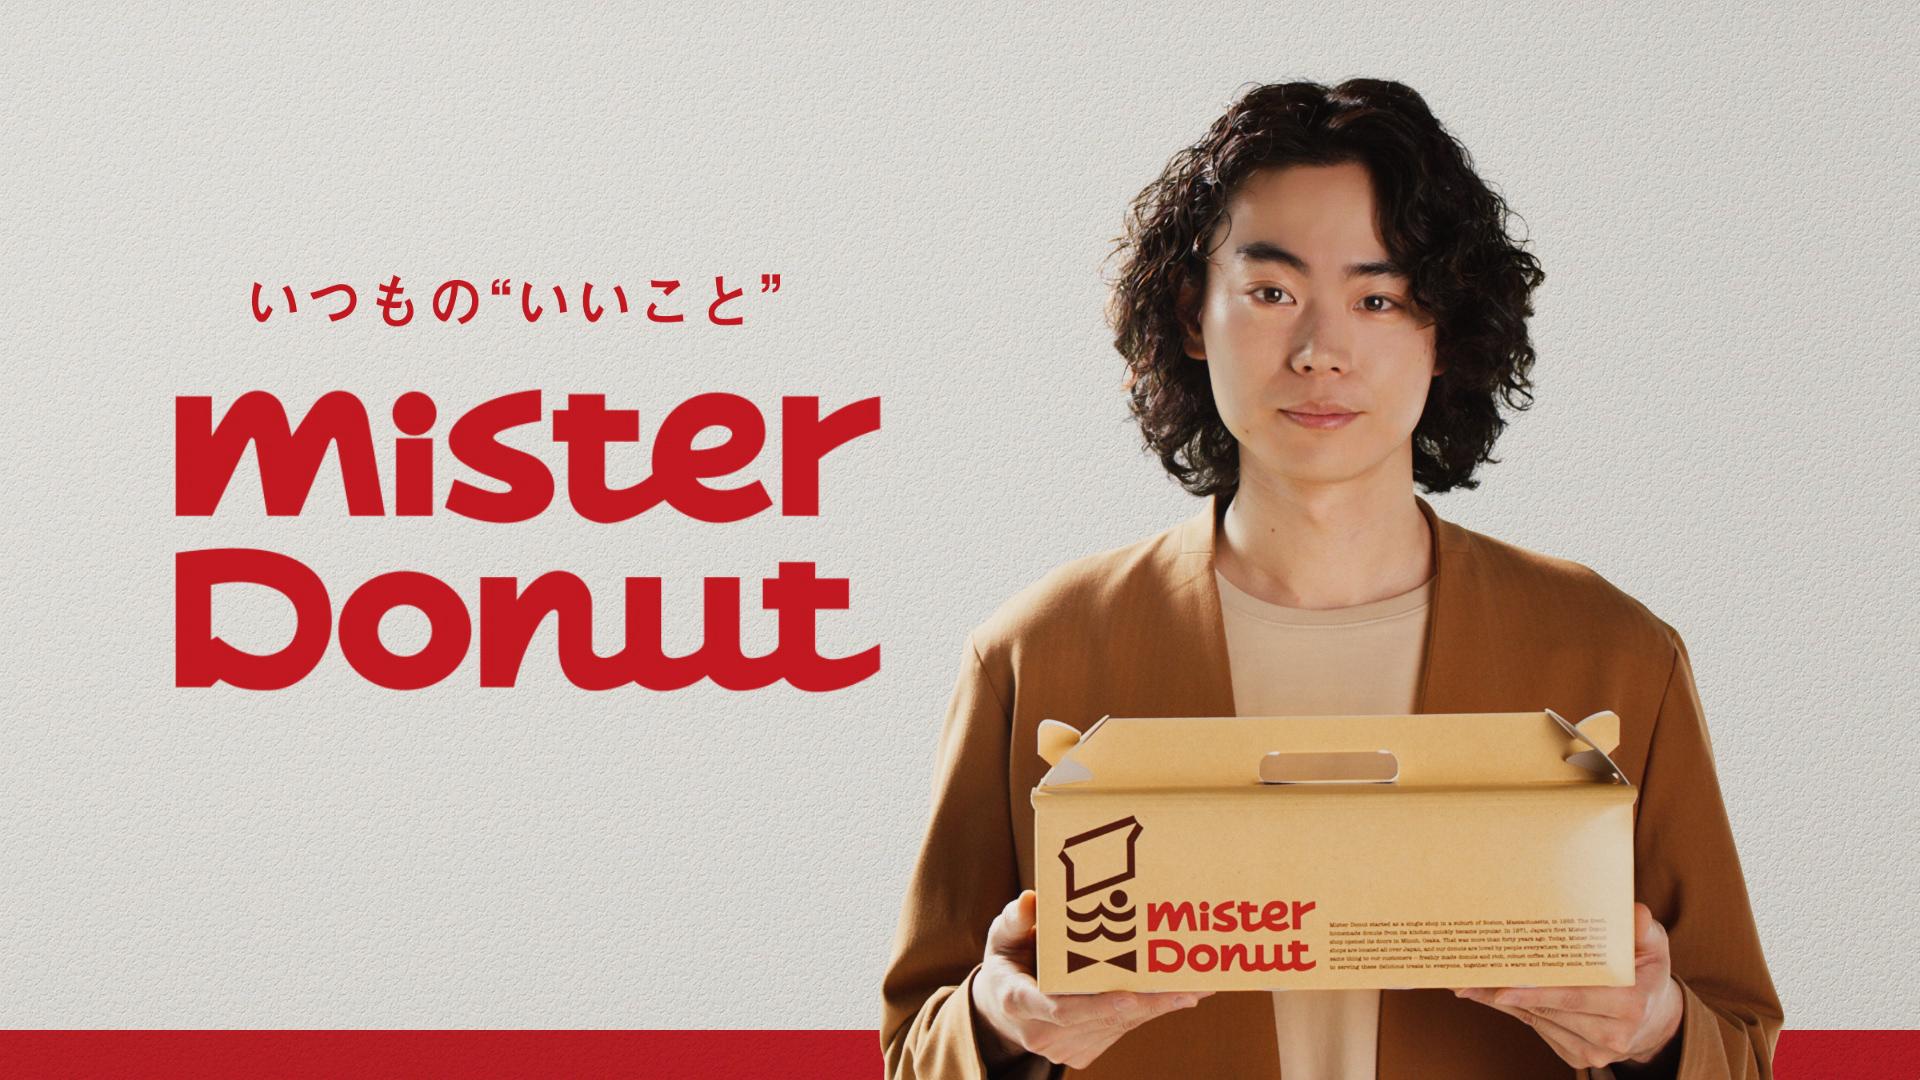 菅田将暉出演ミスタードーナツ新CM